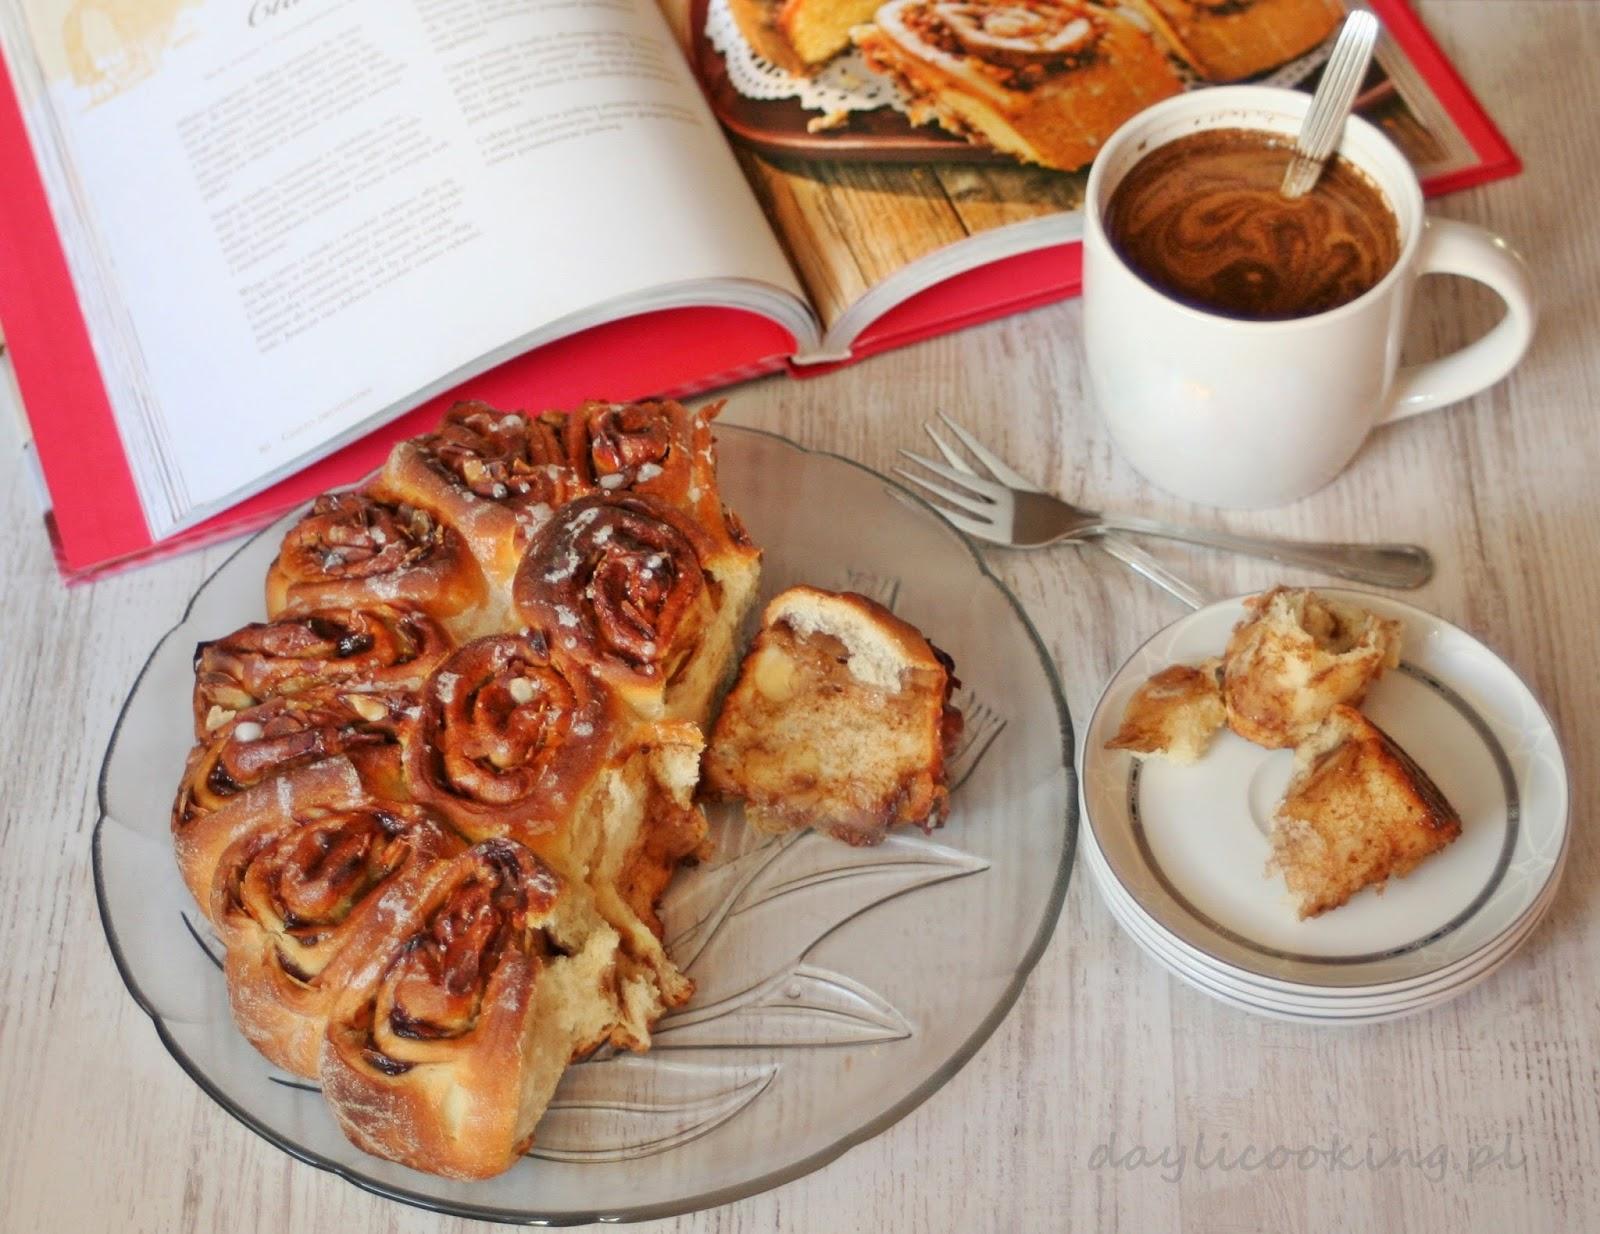 Ciasto rozetowe, czyli drożdżowiec z dżemem i migdałami